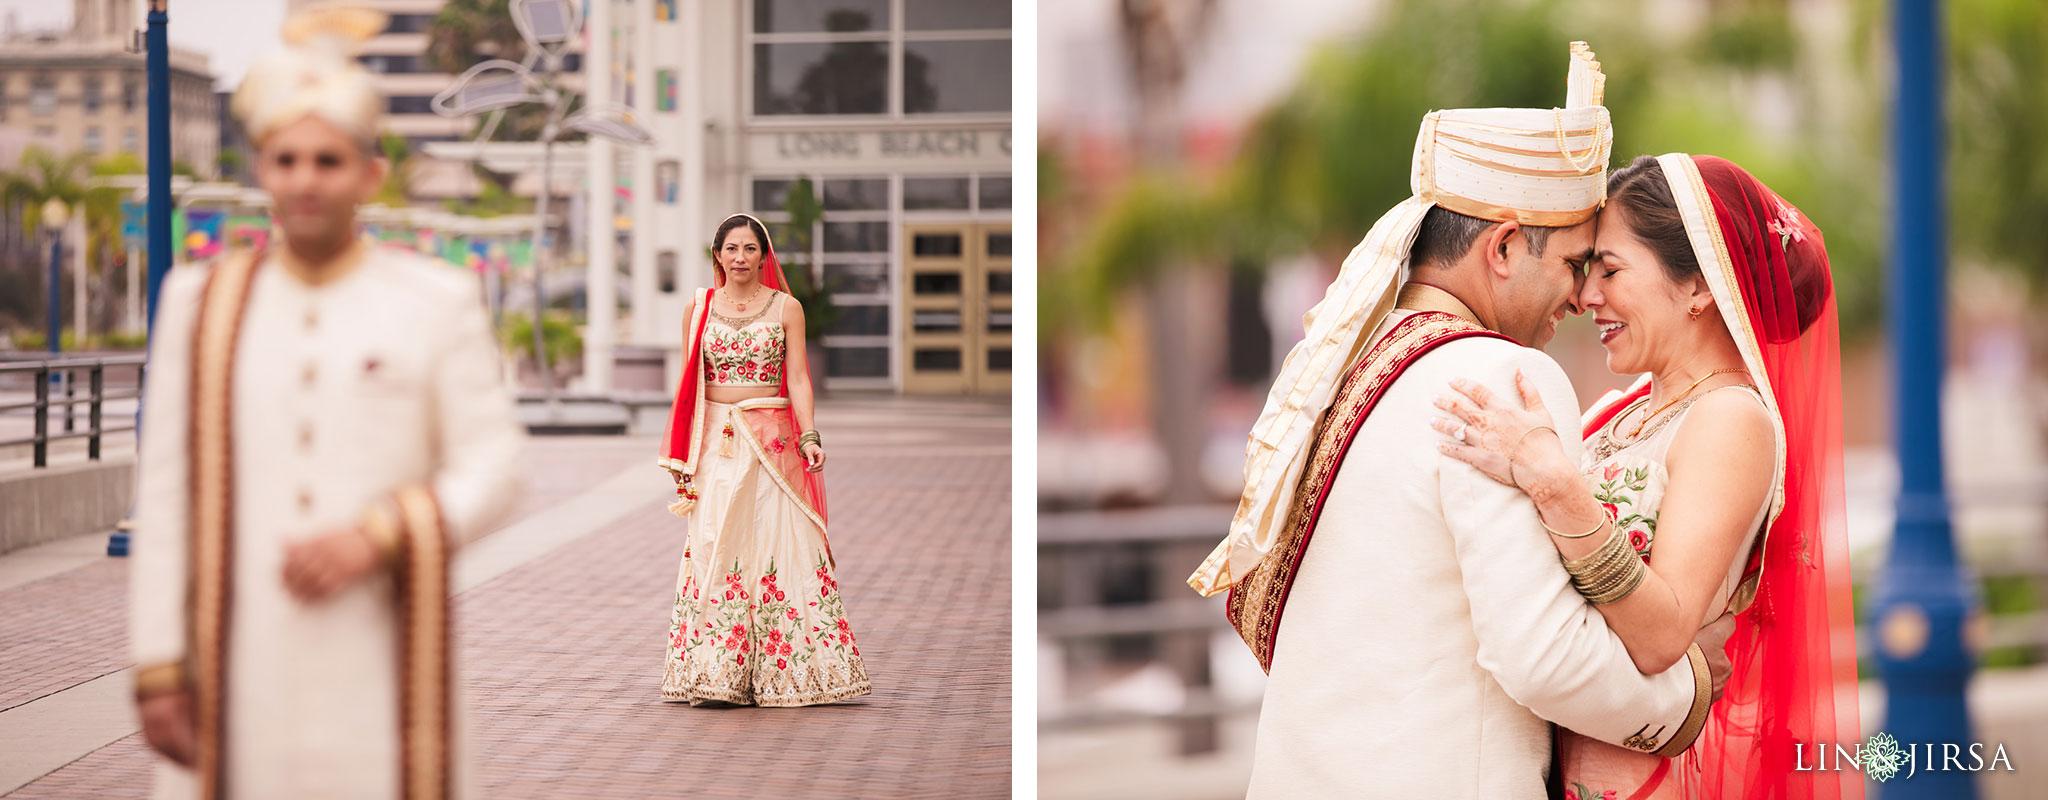 07 Hyatt Long Beach Indian Wedding Photography